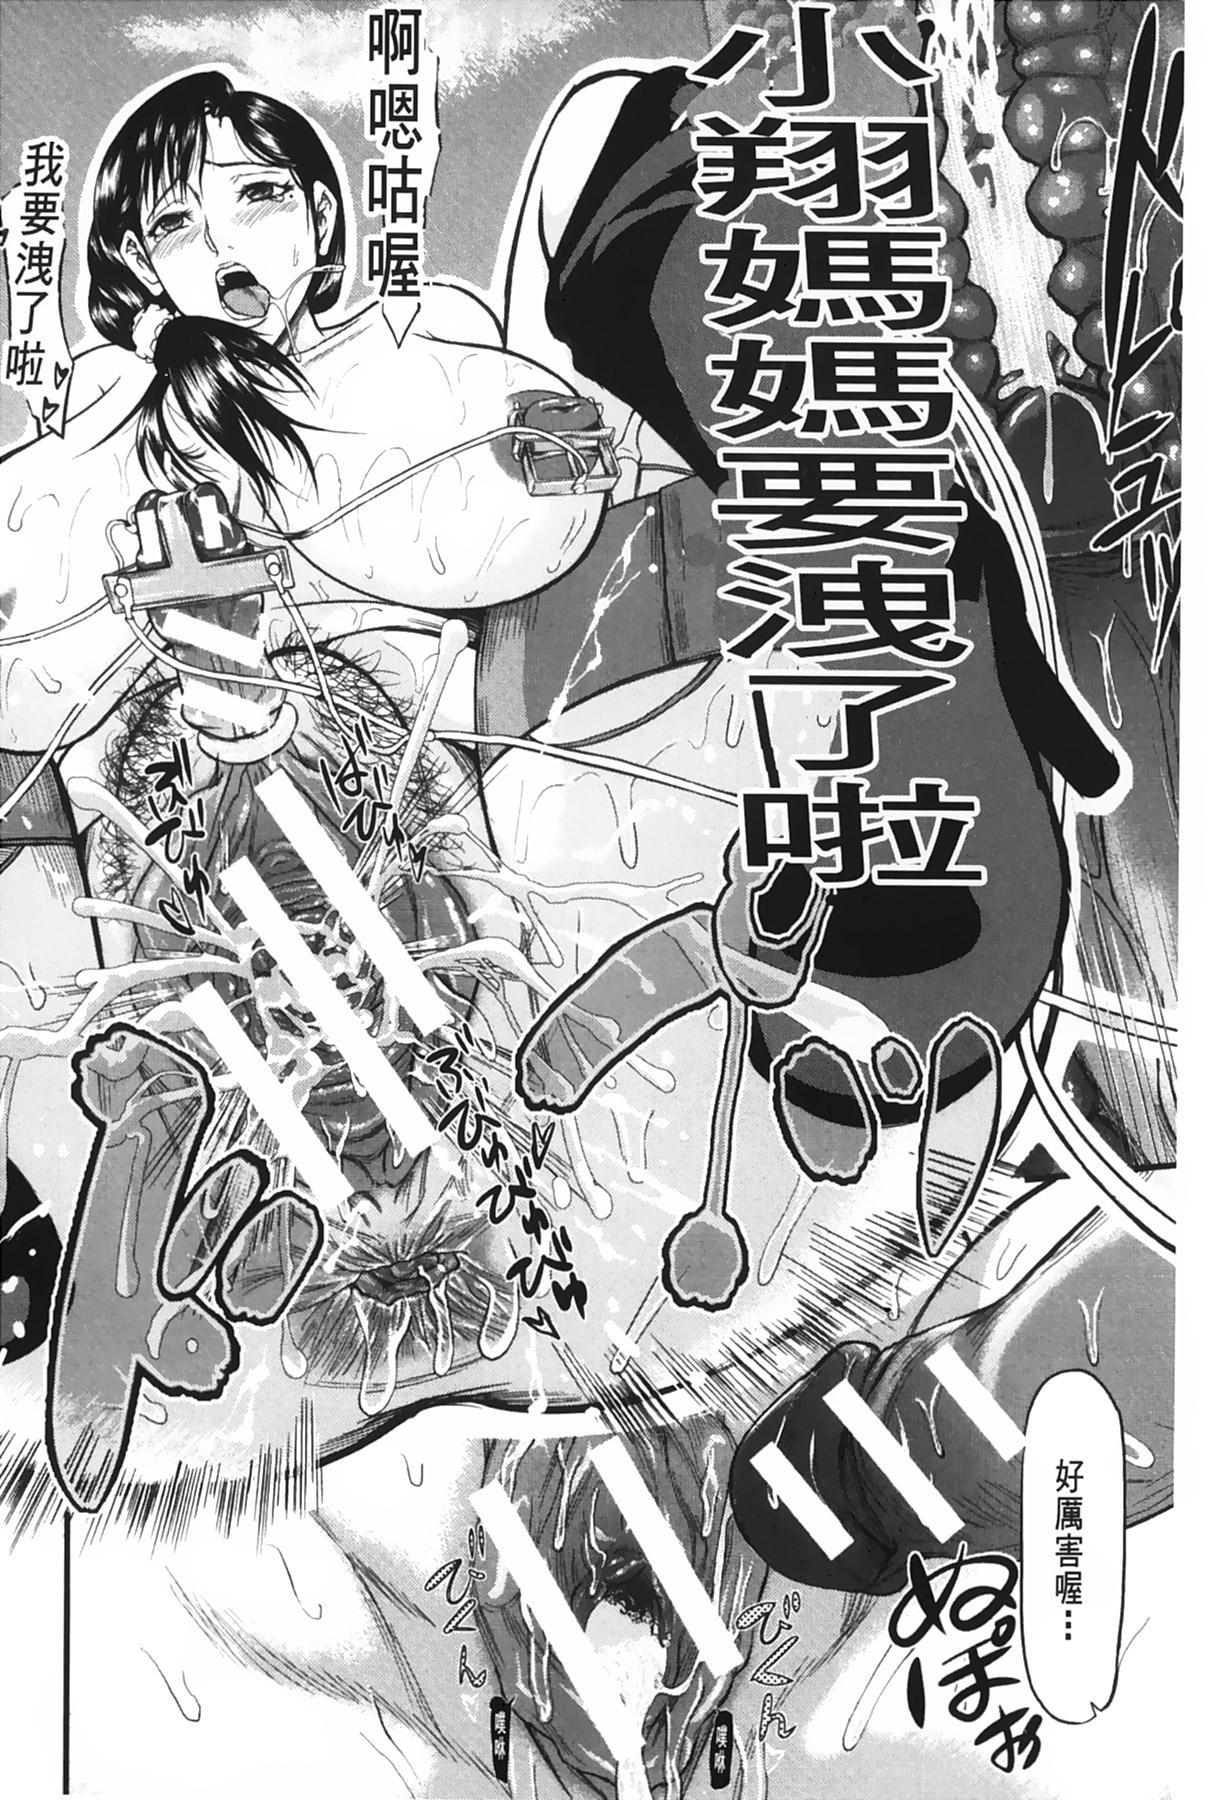 [Honebuto Danshaku] Onna Jigoku Niku no Tsubo~Hentai Rui Inran Ka Mesu Buta Ichidaiki~ | 女地獄、肉之壺 ~変態類淫乱科淫母豬一代記~ [Chinese] 26